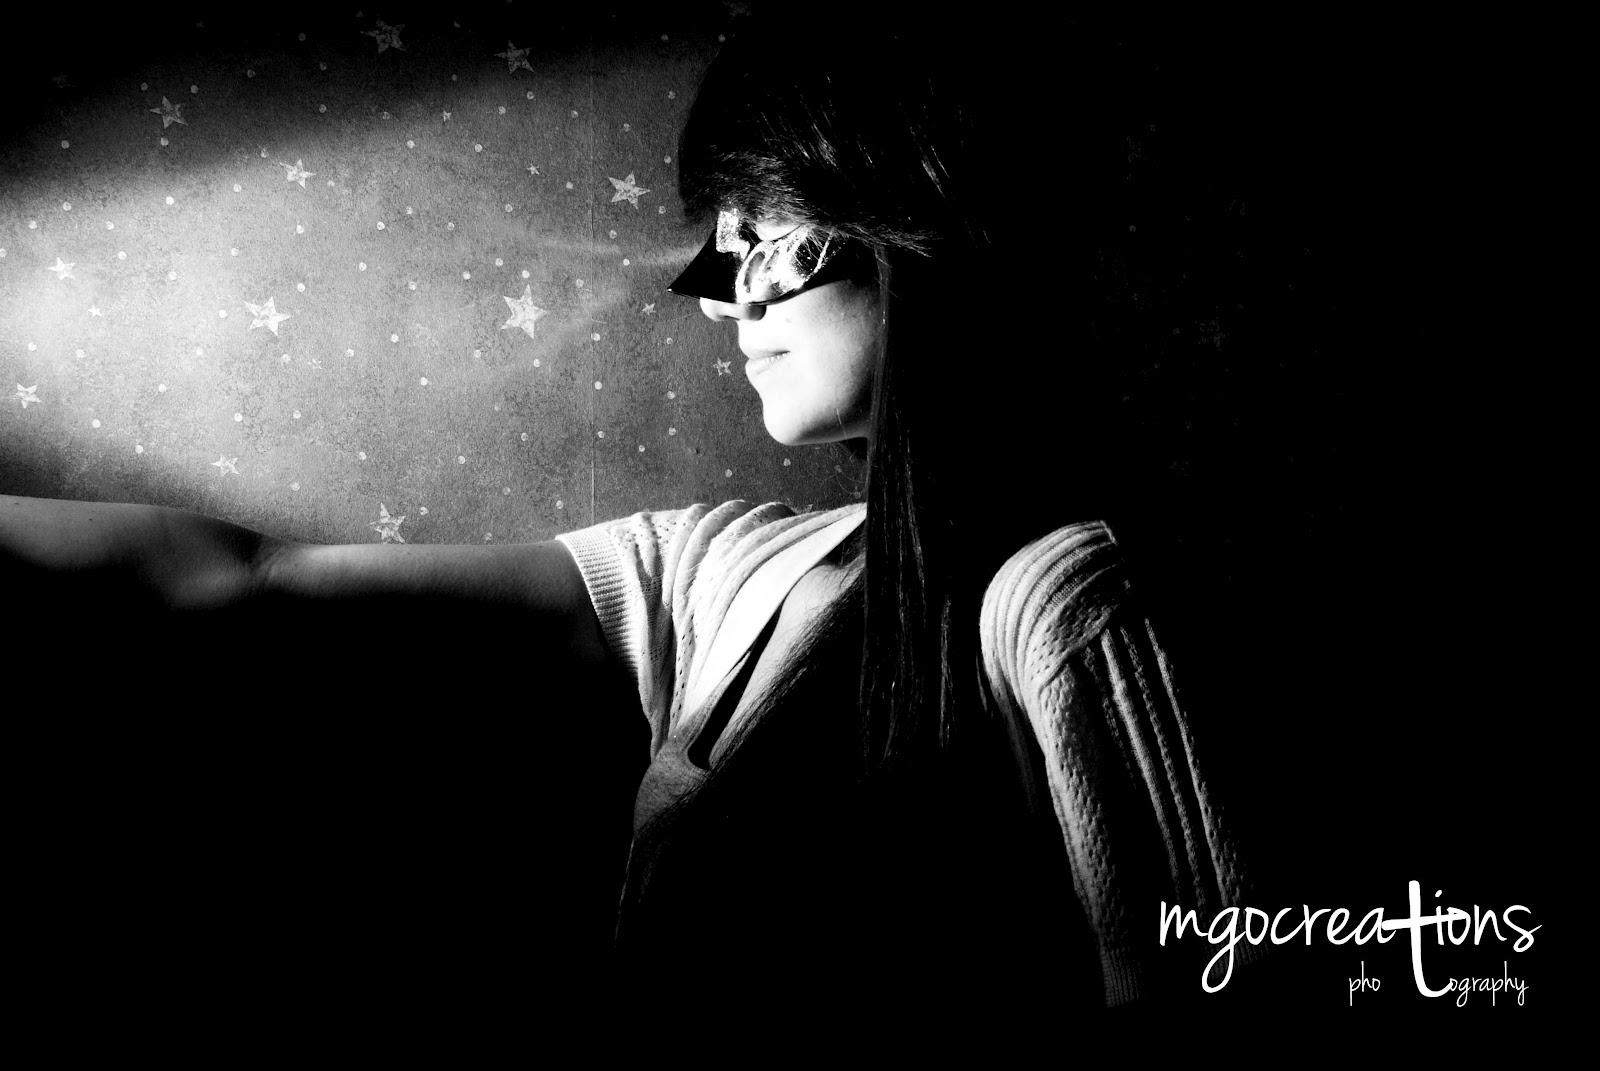 Mgocreations fotograf as en blanco y negro nostalgia sue os y m s - Blanco y negro ...